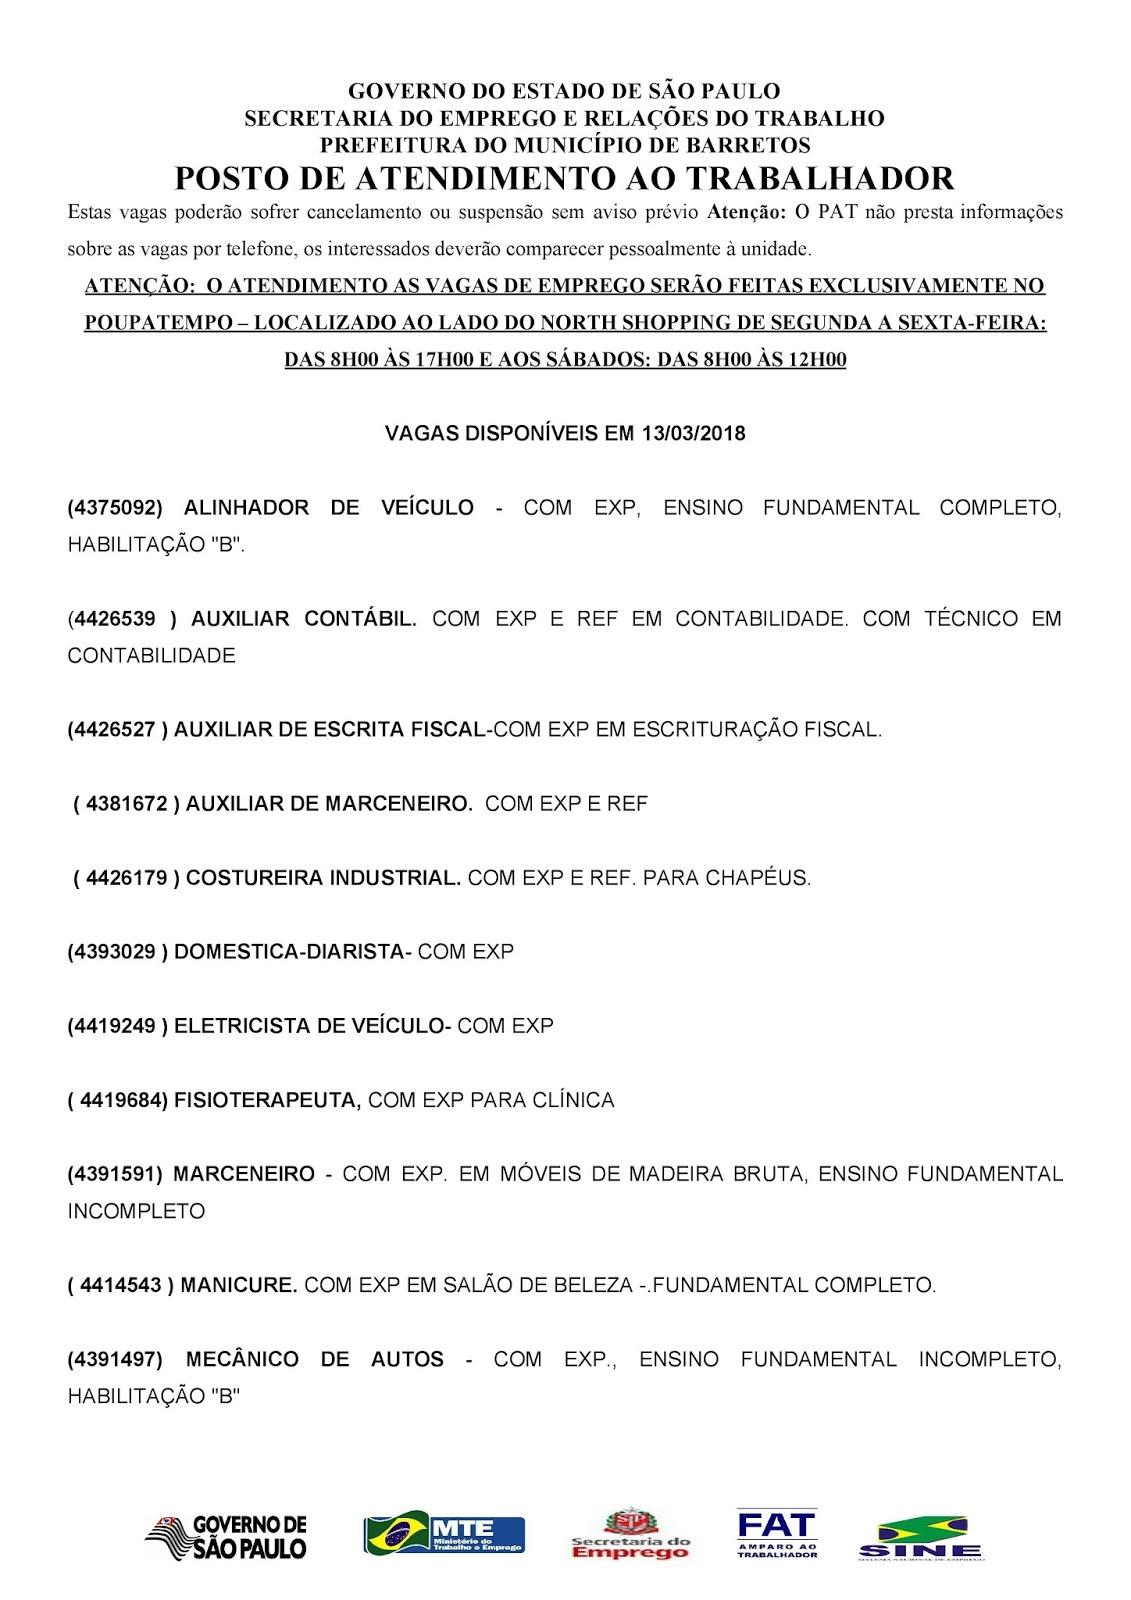 VAGAS DE EMPREGO DO PAT BARRETOS-SP PARA 13/03/2018 TERÇA-FEIRA - PARTE 1